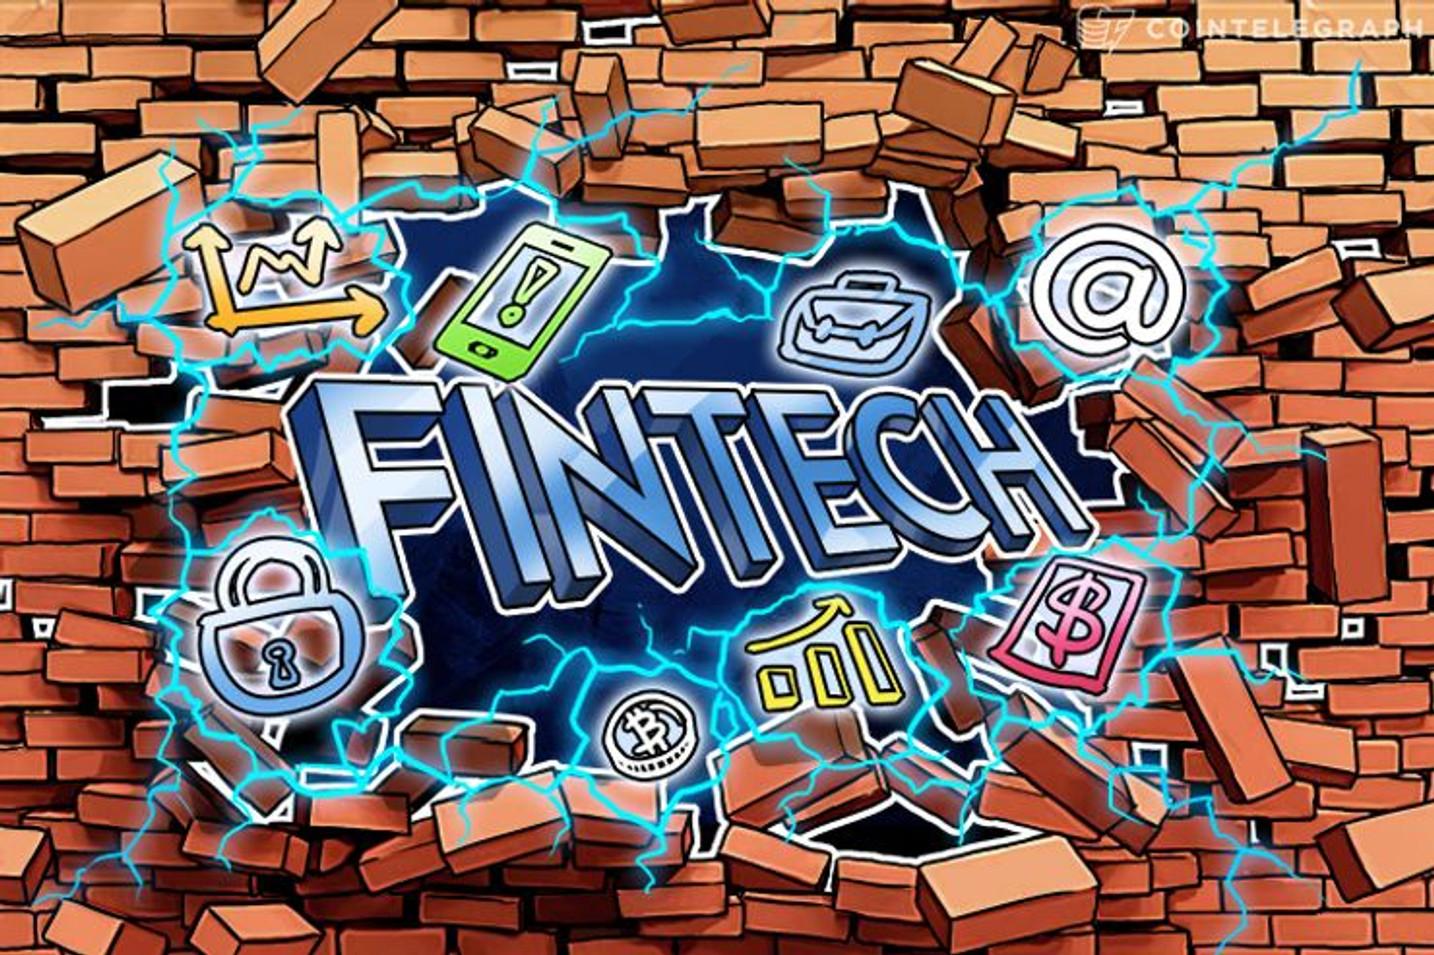 España: ¿Cómo están ayudando las Fintech a los clientes a aprovechar la moratoria de pagos?